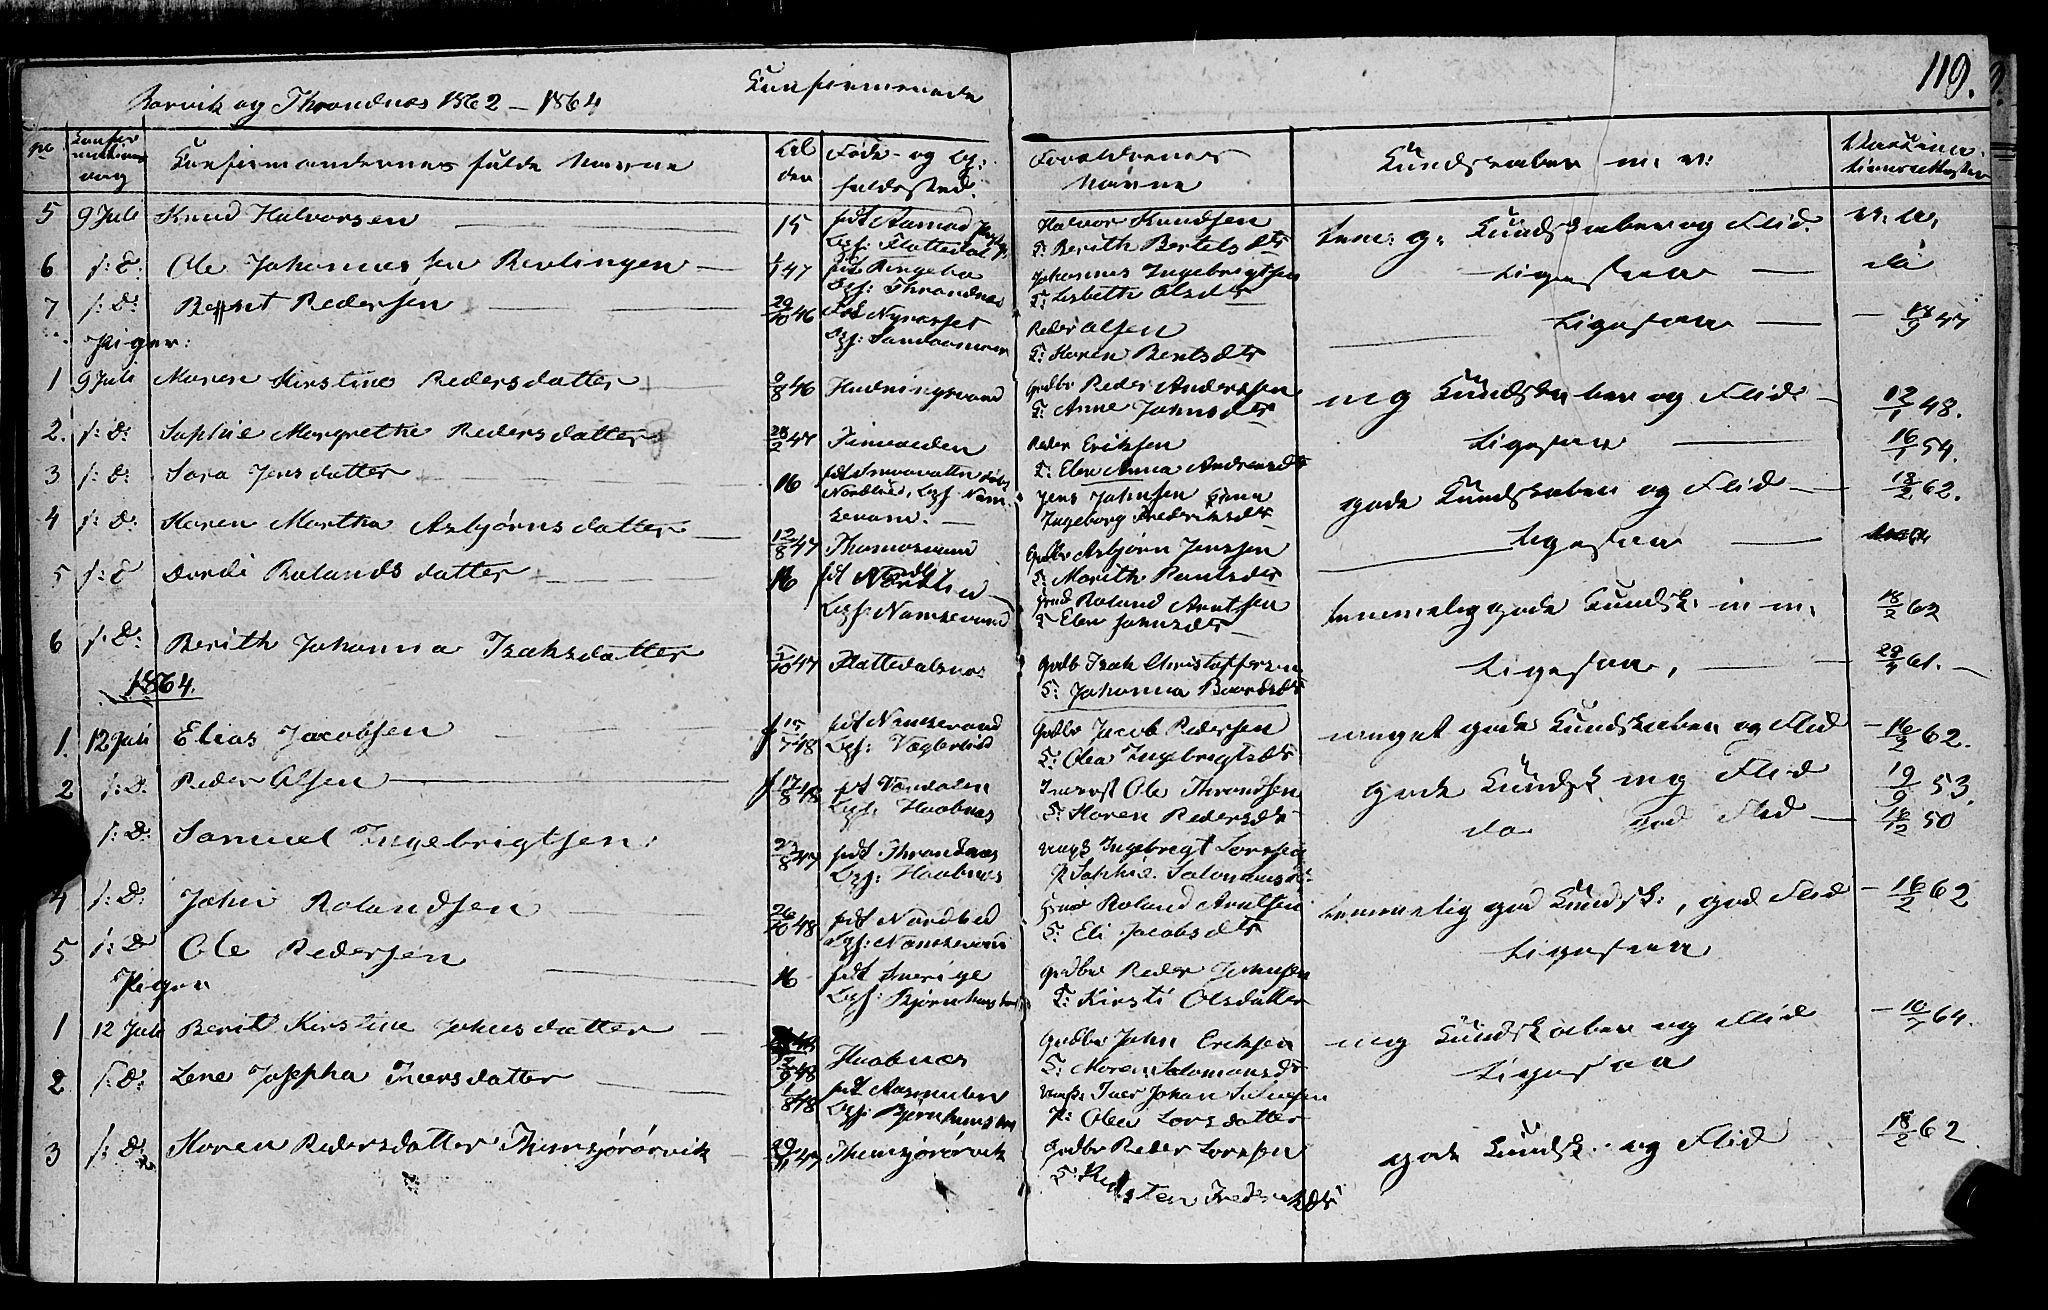 SAT, Ministerialprotokoller, klokkerbøker og fødselsregistre - Nord-Trøndelag, 762/L0538: Ministerialbok nr. 762A02 /1, 1833-1879, s. 119